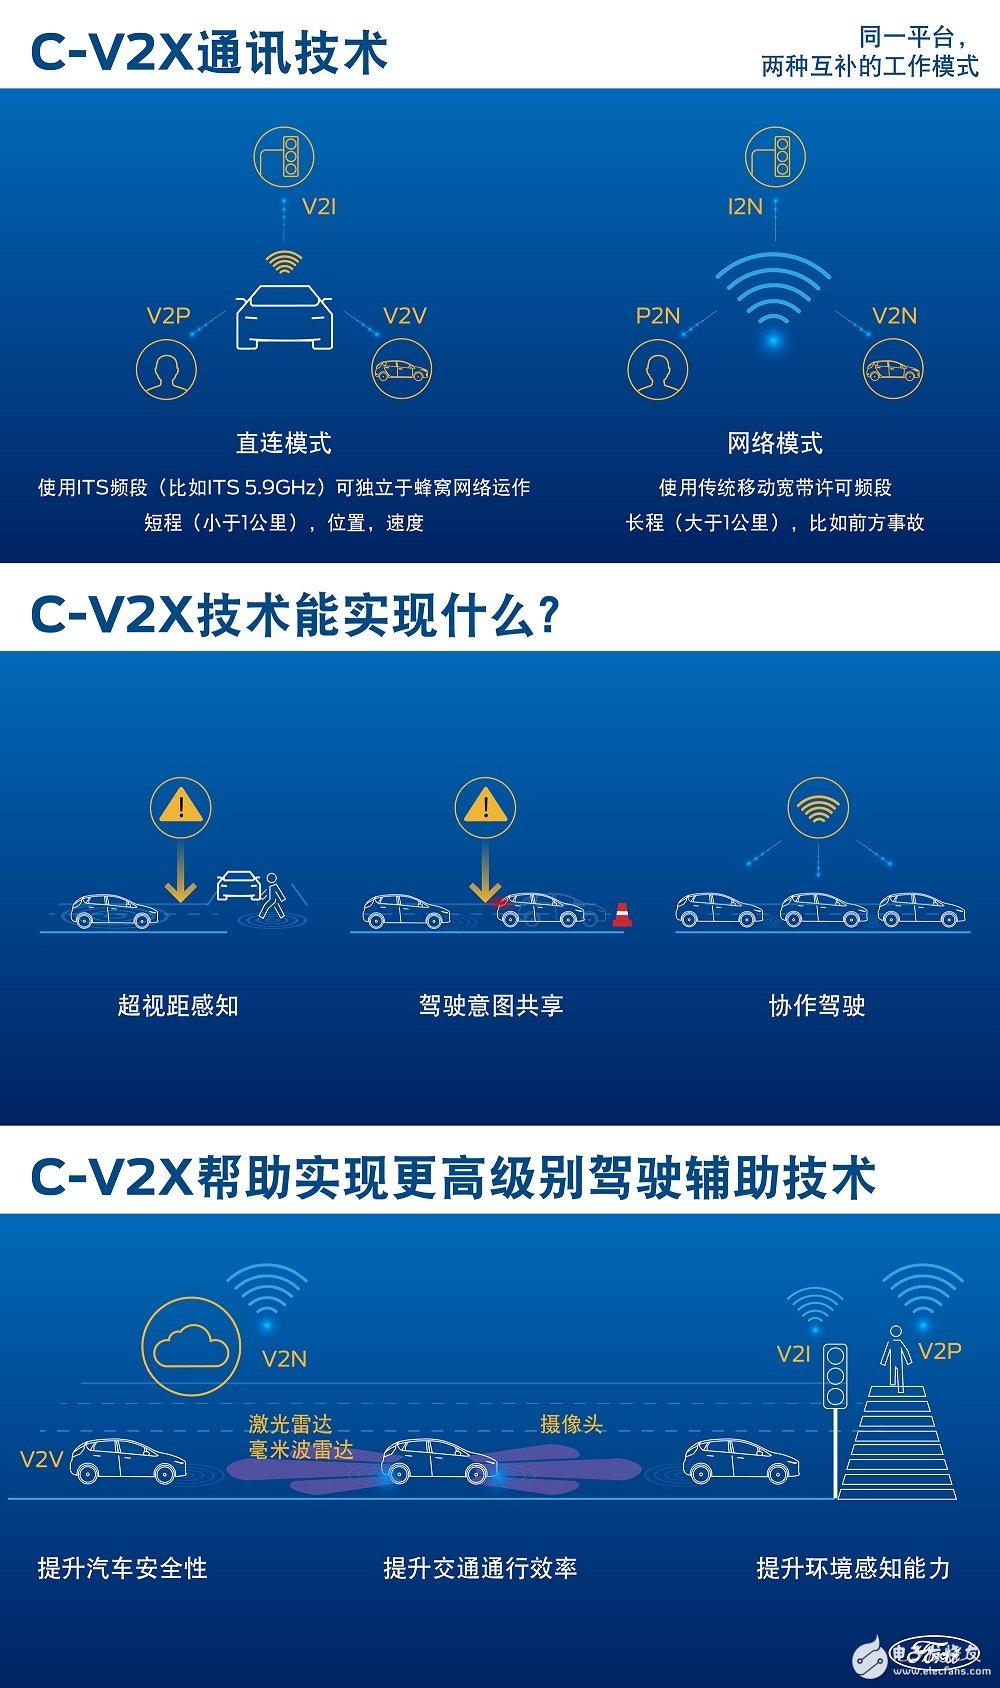 C-V2X技术在国内开放道路首次公开测试